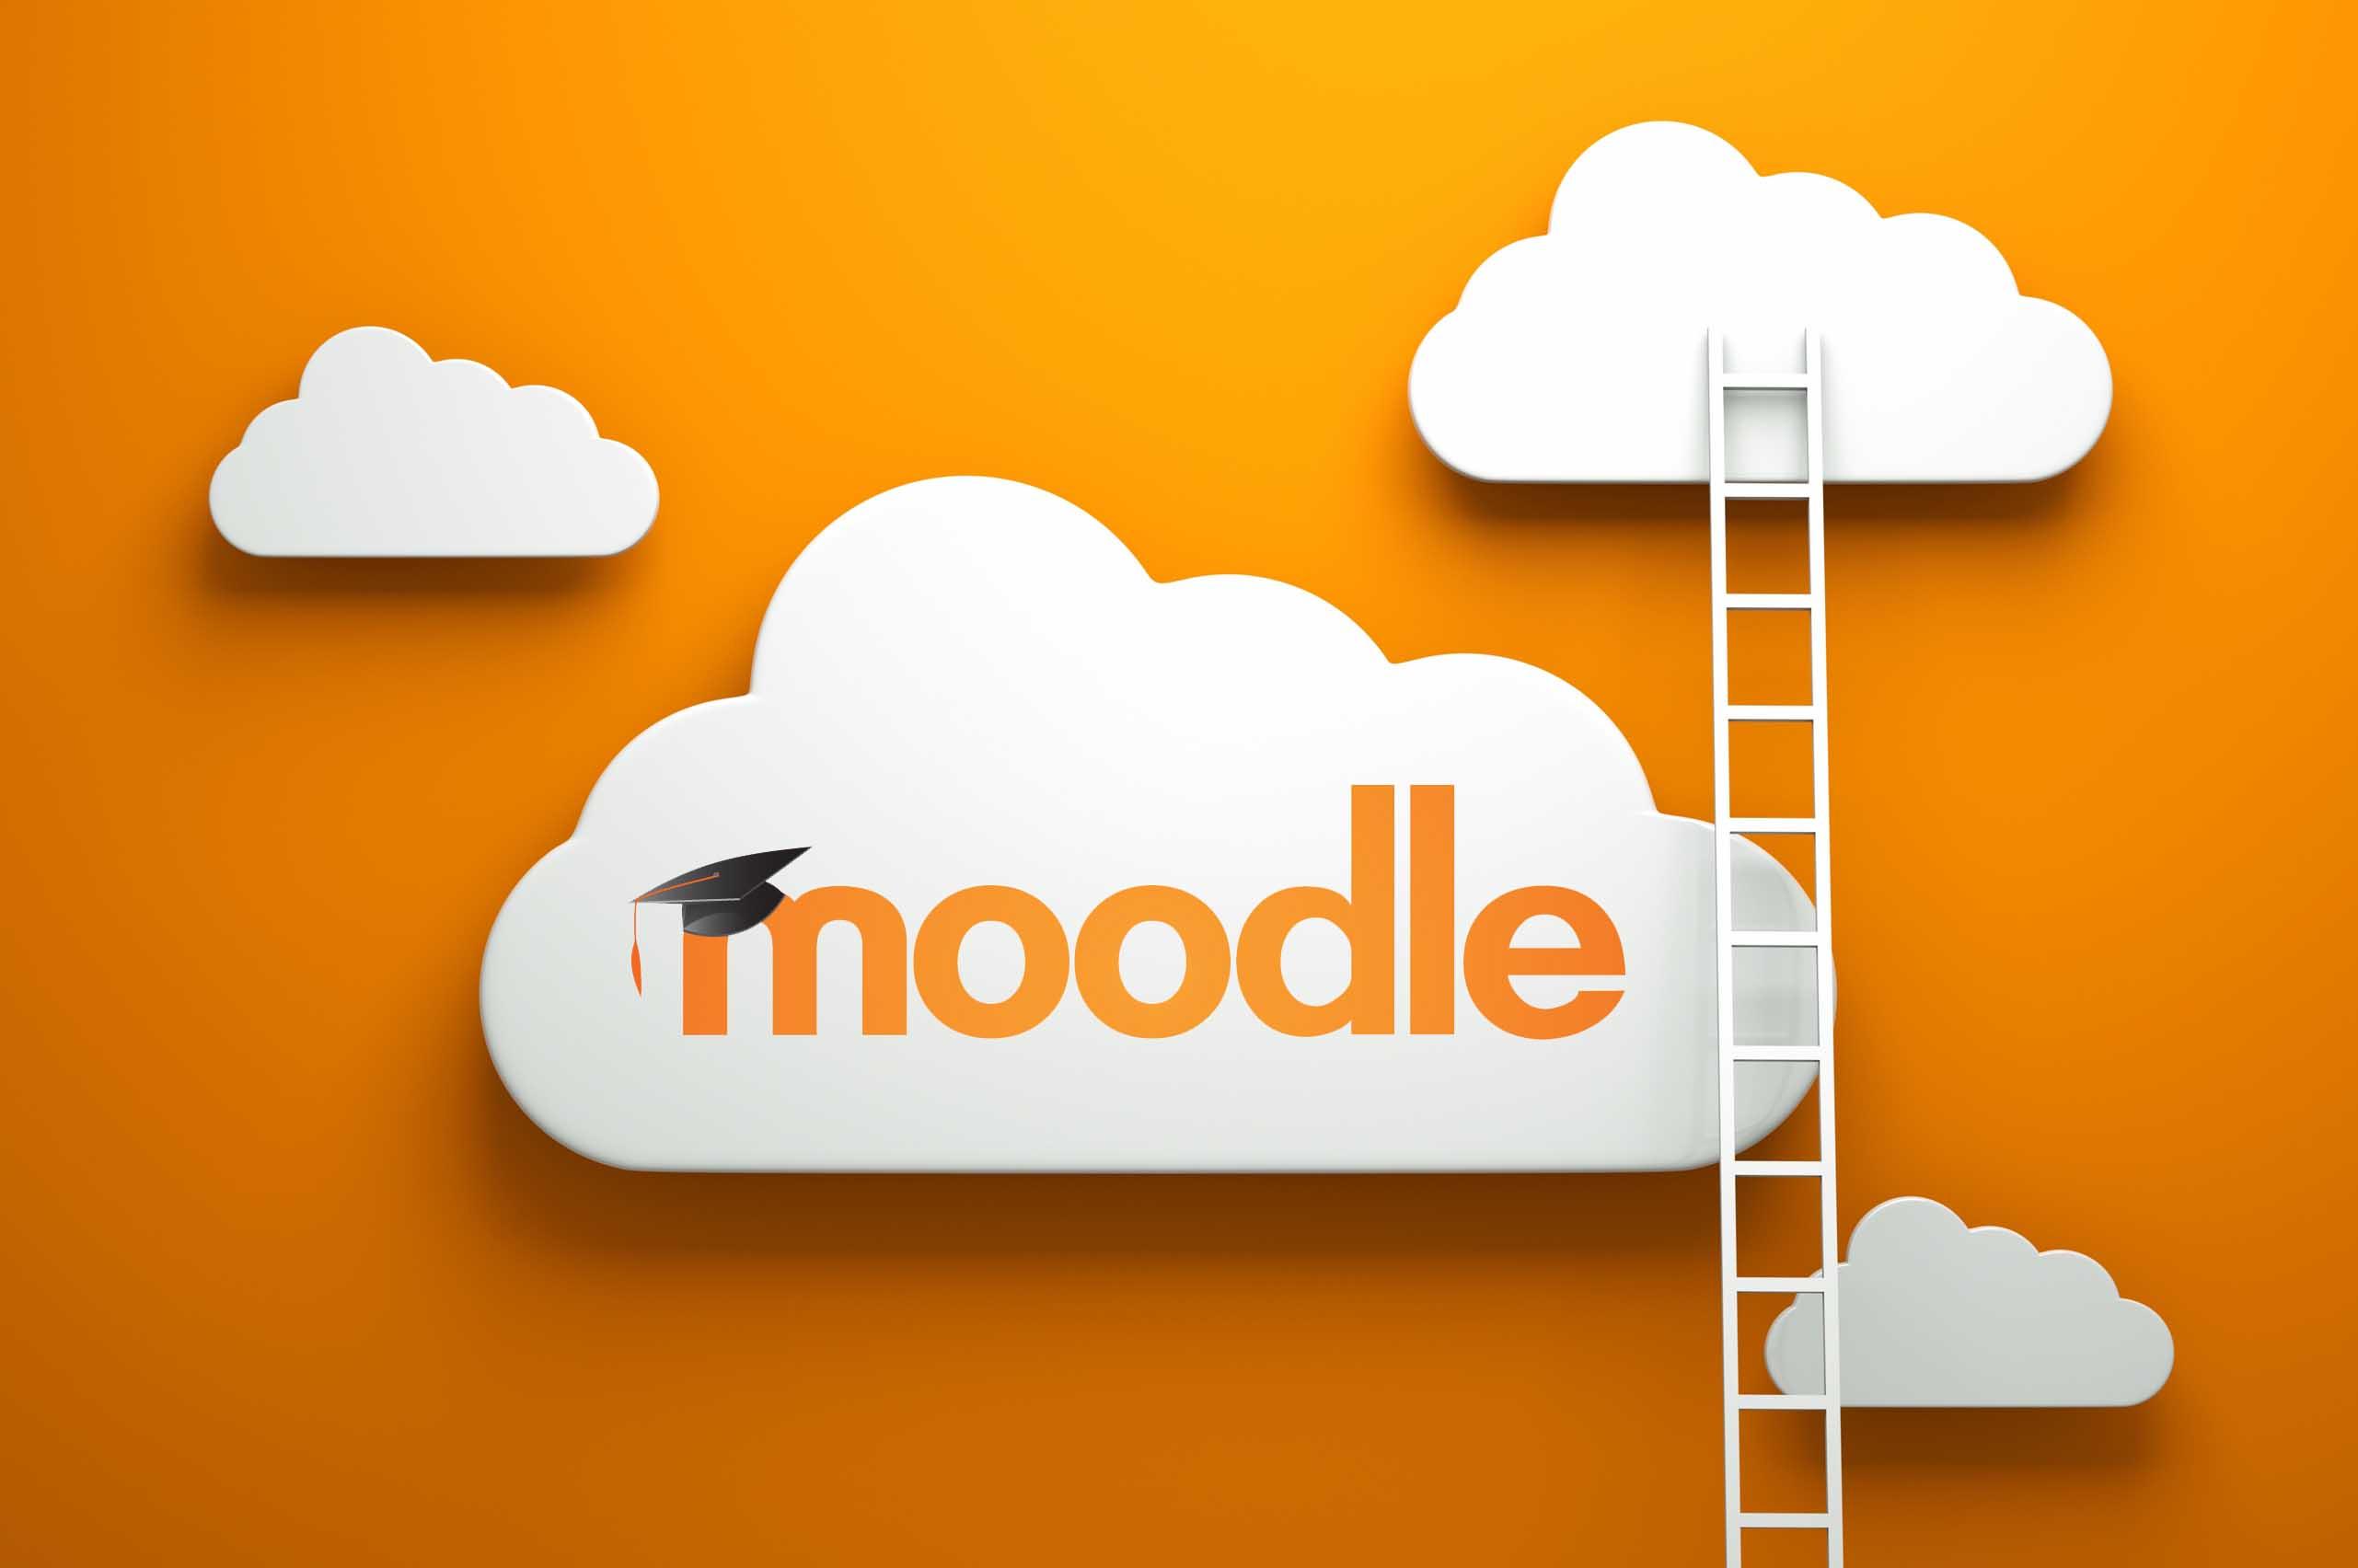 ¿Qué es Moodle? Cualidades y compatibilidad con BlueHosting